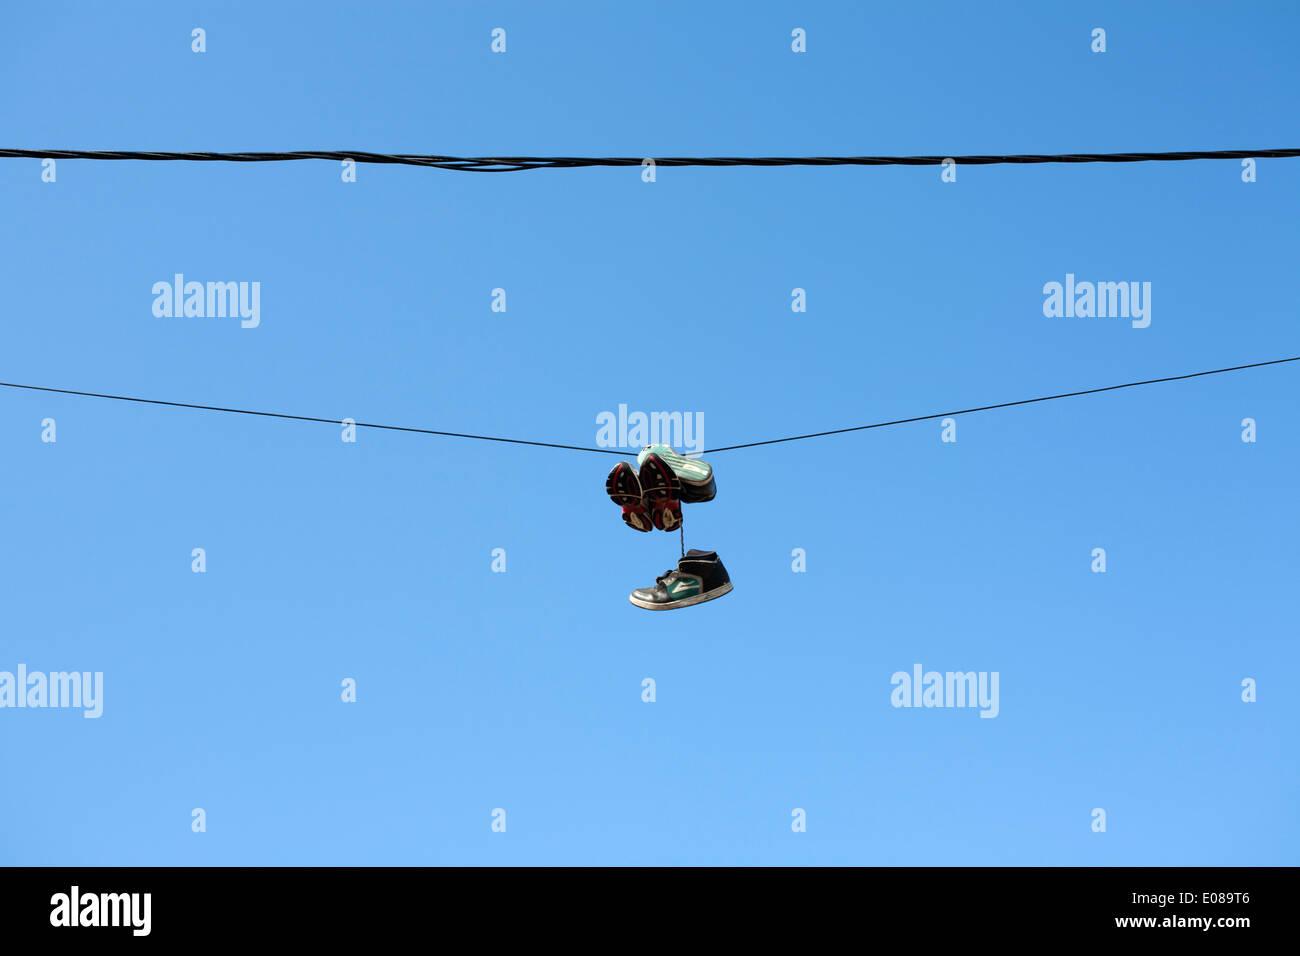 Deux paires de chaussures suspendu à un fil électrique Photo Stock